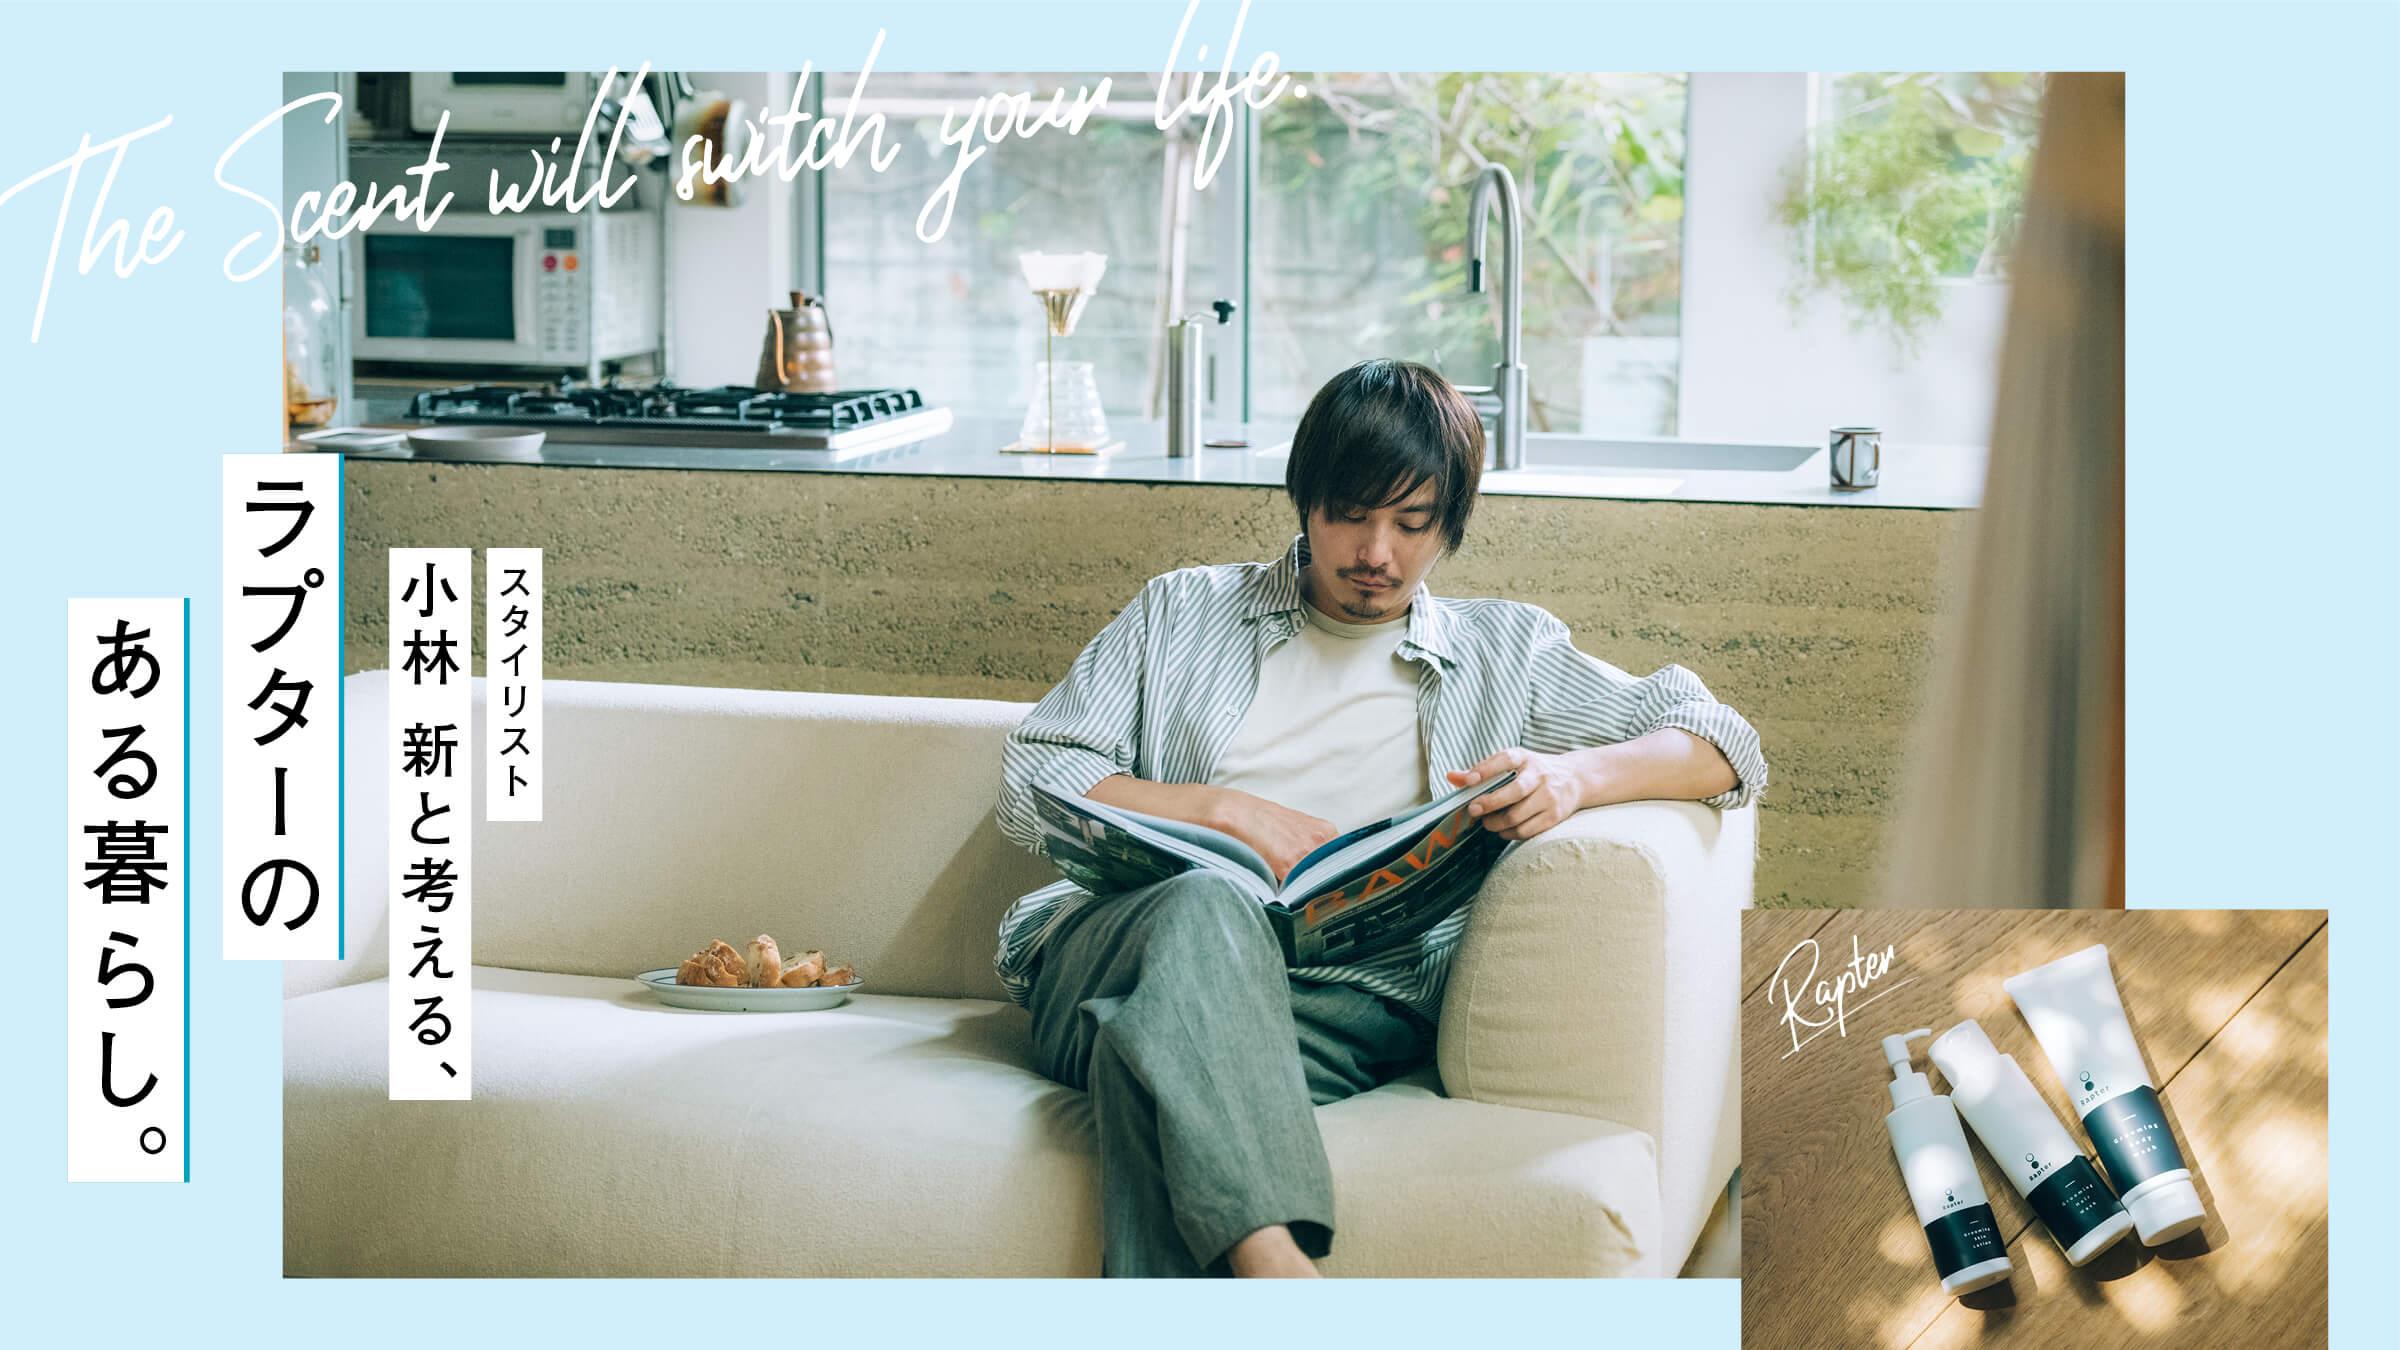 スタイリスト小林新と考える、ラプターのある暮らし。